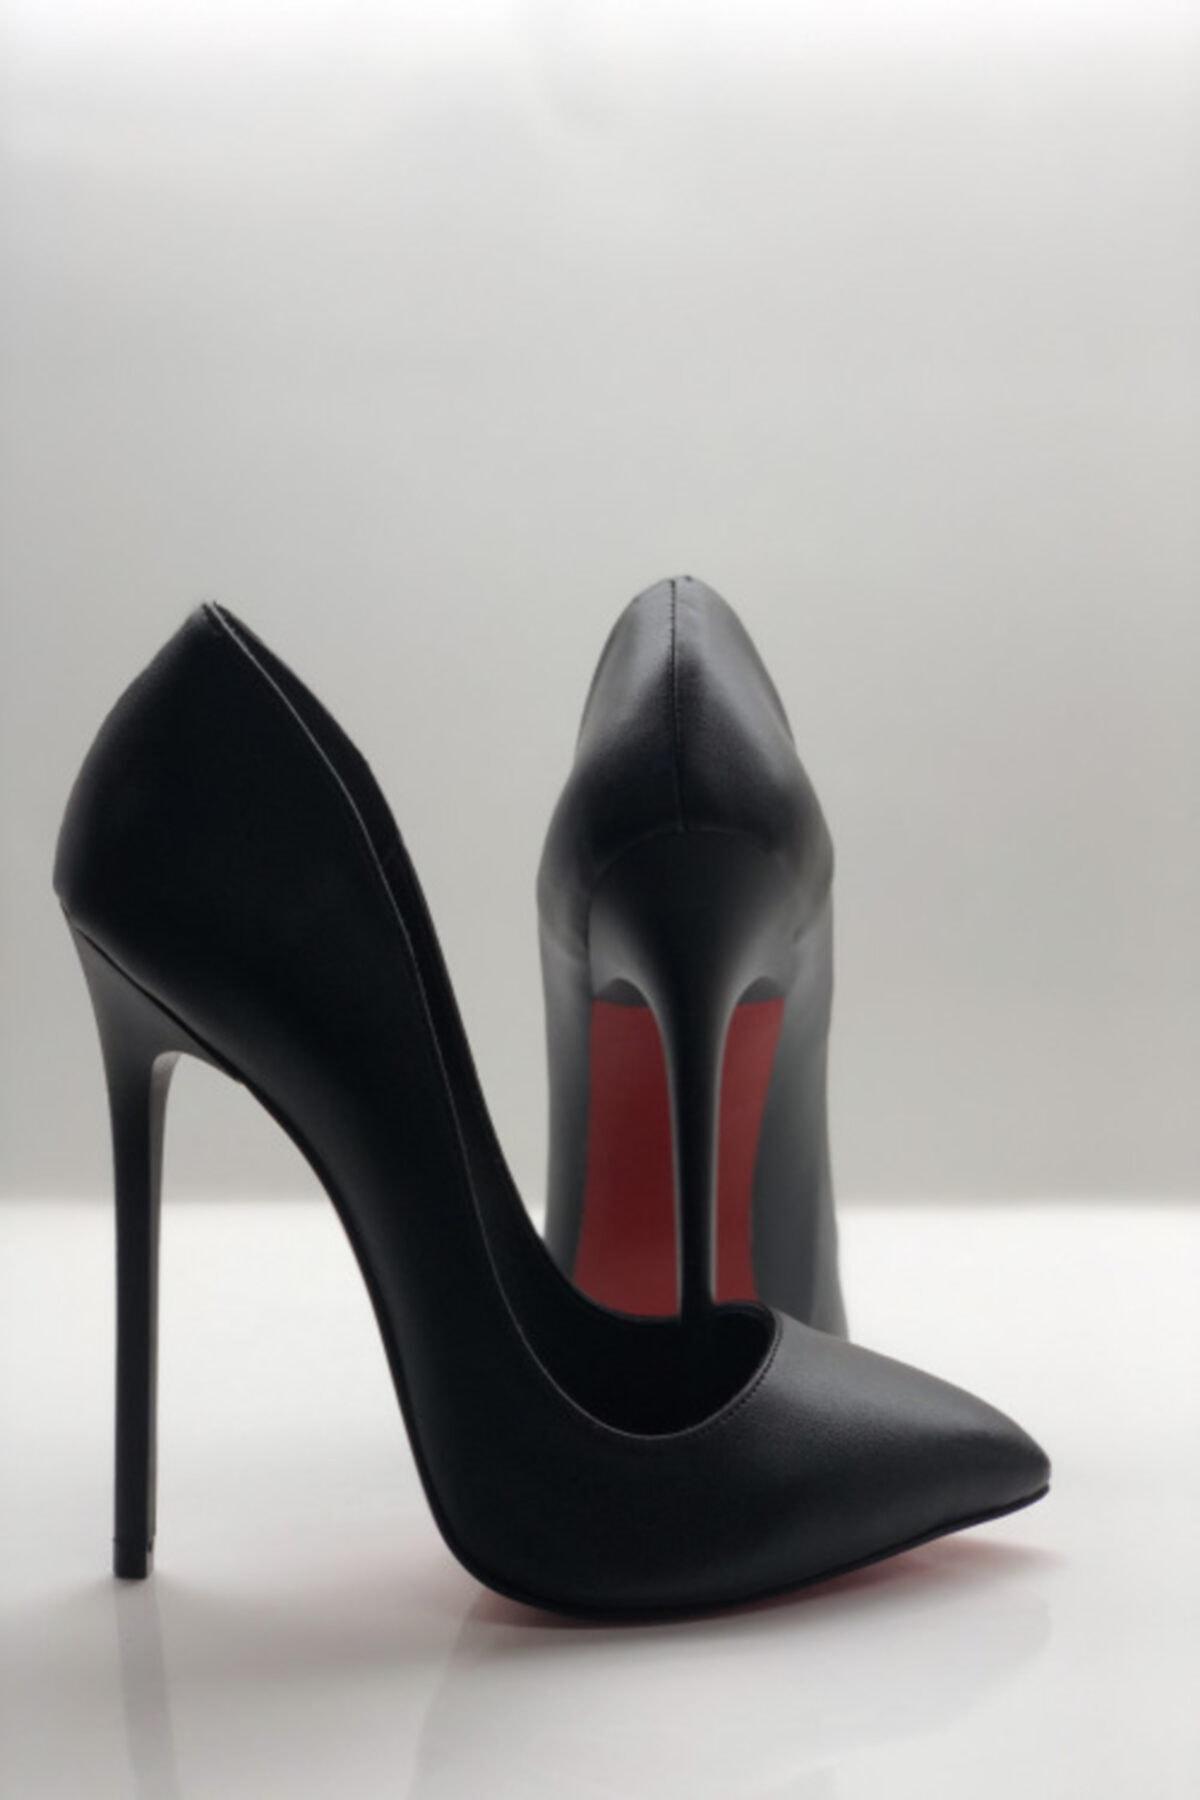 HAYYSHOES Stiletto Topuklu Ayakkabı 1